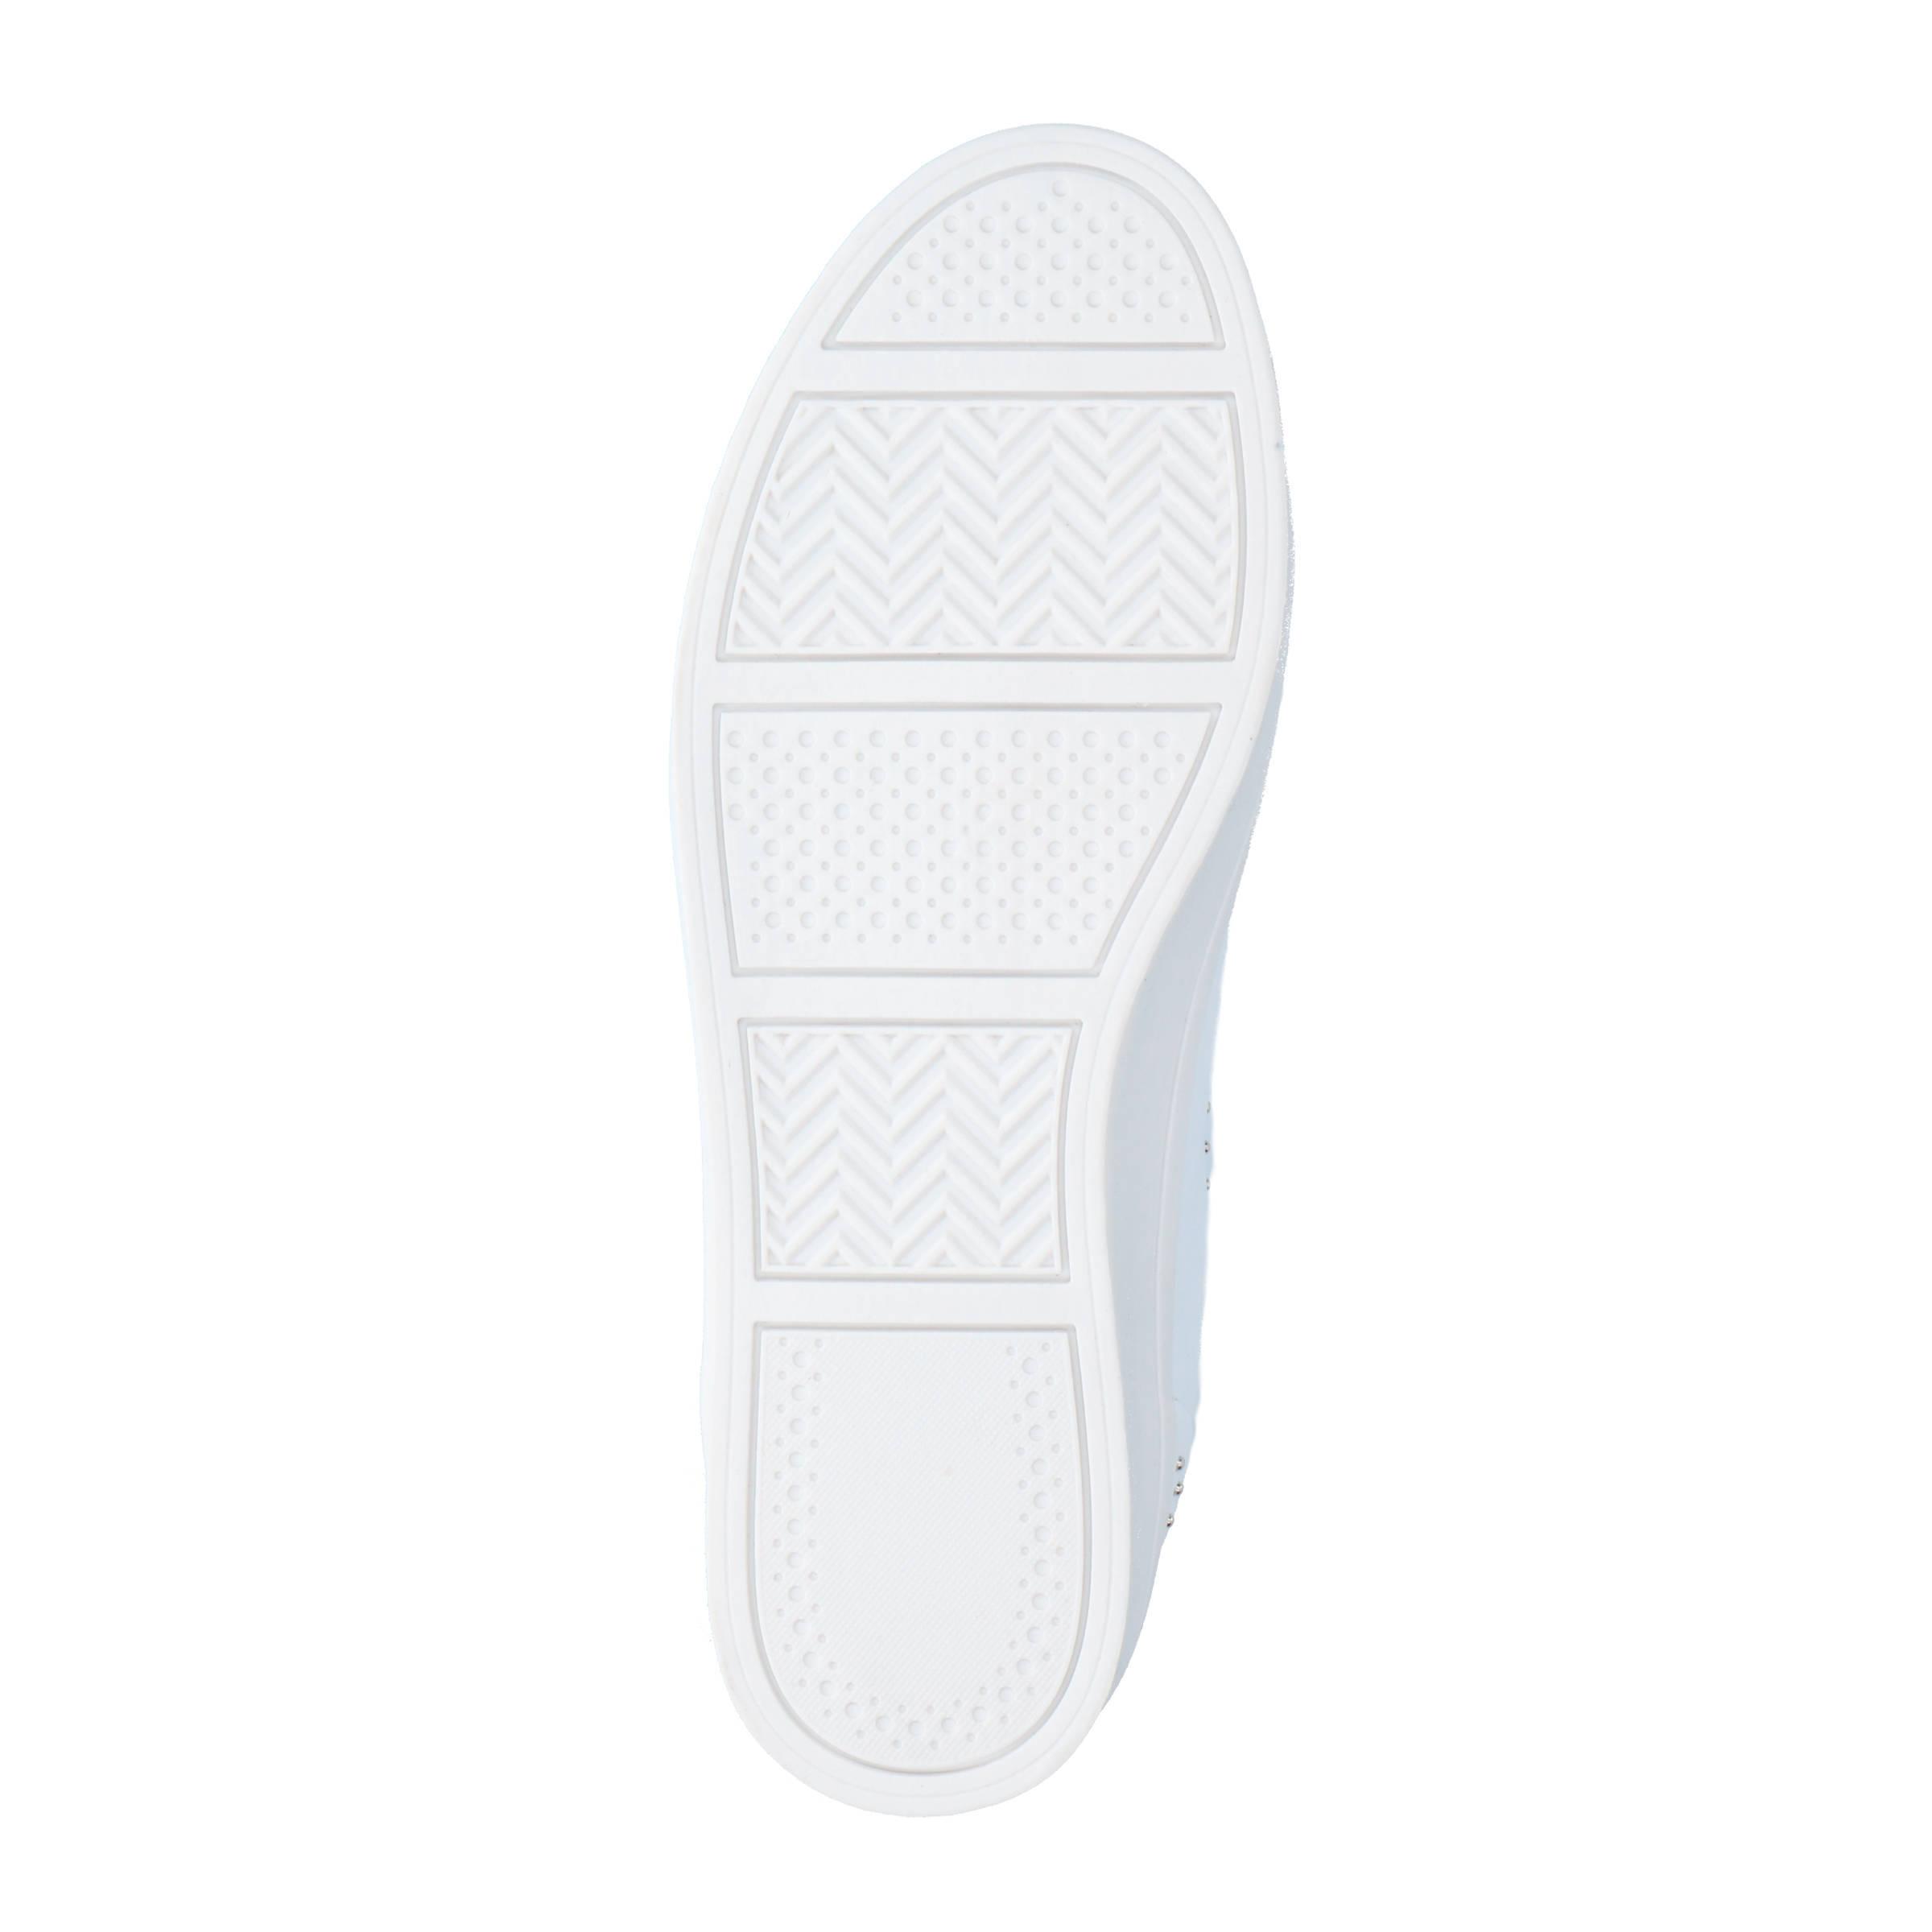 Bianco sneakers sneakers wit wit sneakers Bianco wit Bianco Bianco qgtdxaw